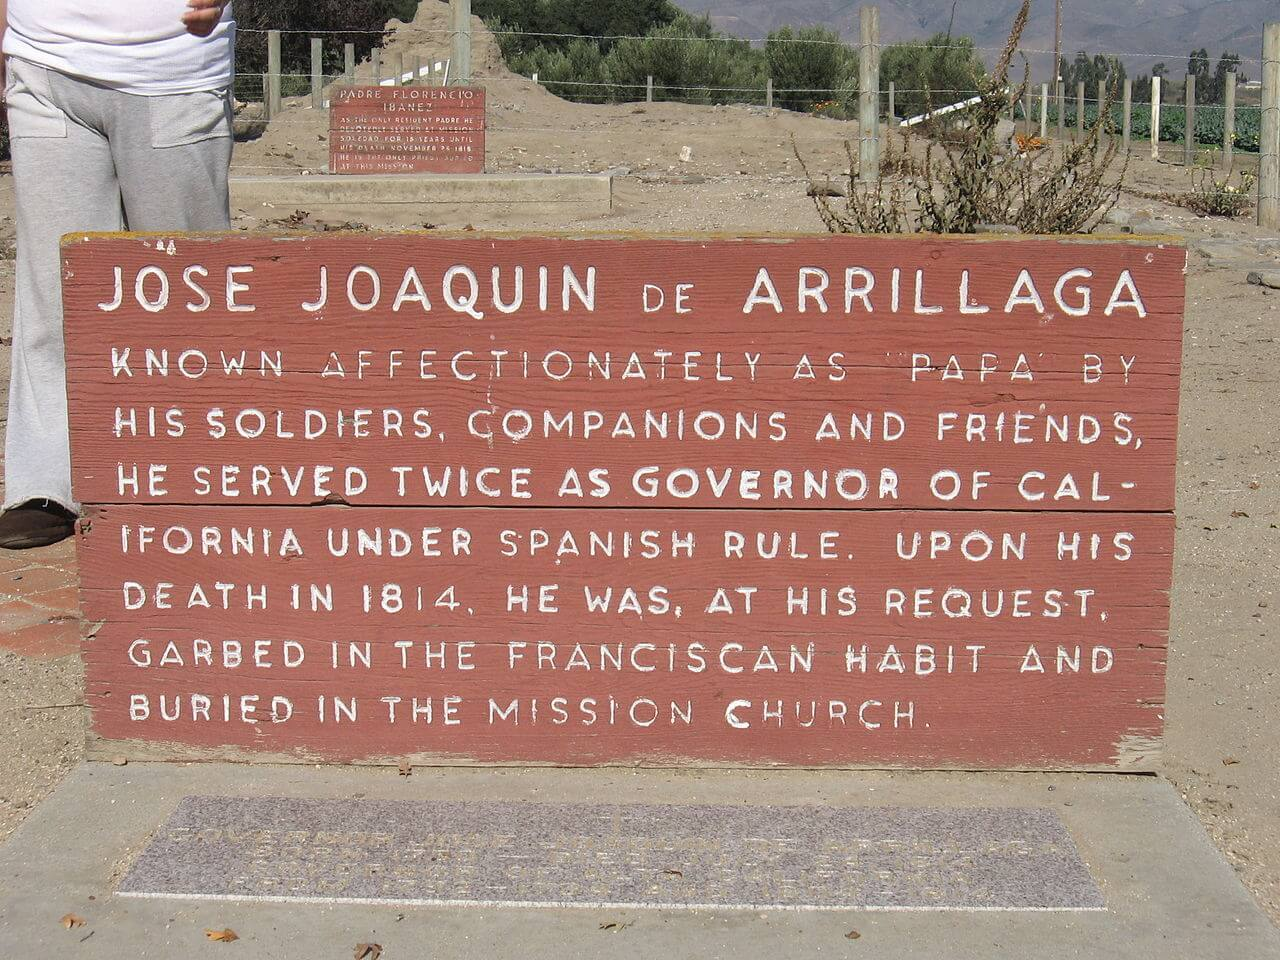 Jose Joaquin De Arrillaga's grave site located in the Mission Nuestra Señora de la Soledad, author Tolerancezero, by Wikimedia Commons, CC-BY-SA-3